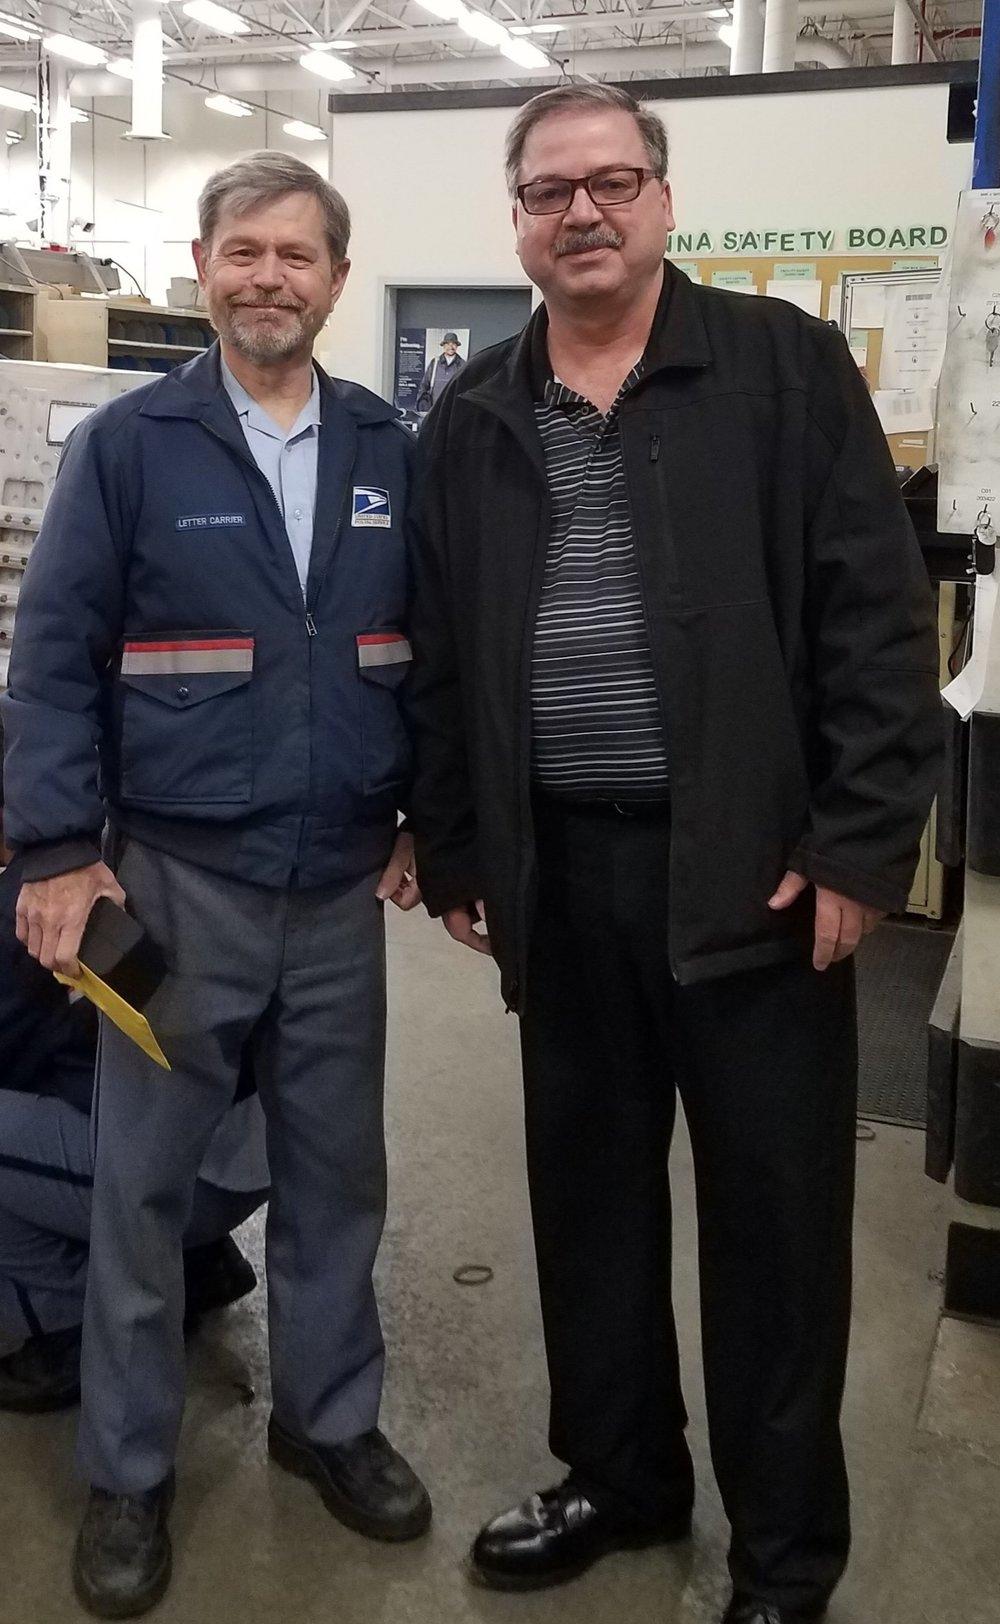 John Stevenson & President Hornyak